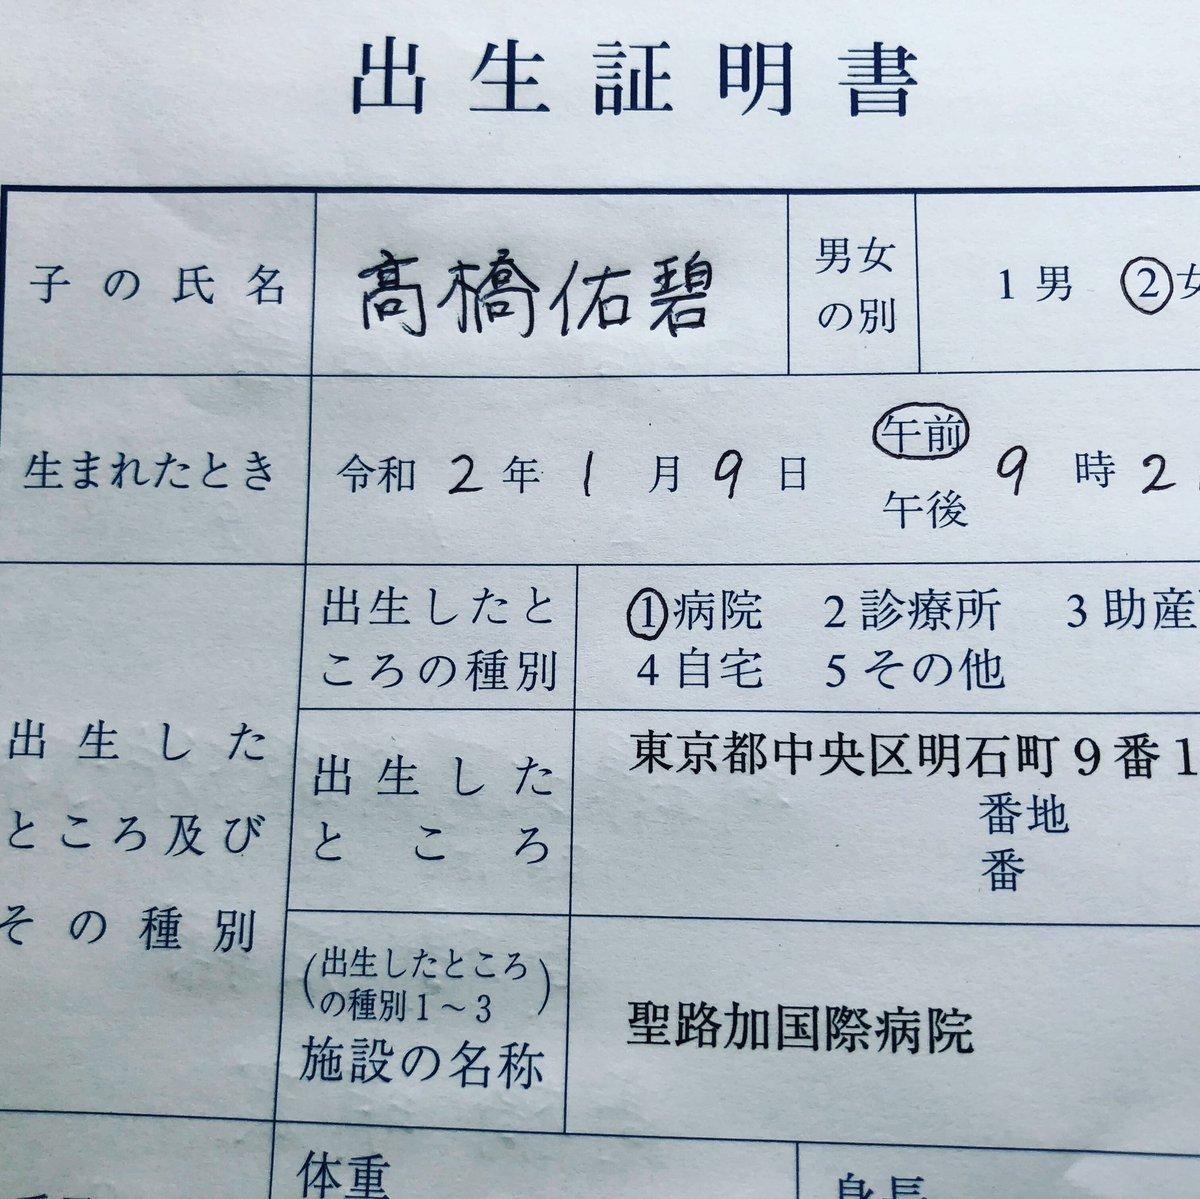 出生証明書 hashtag on Twitter